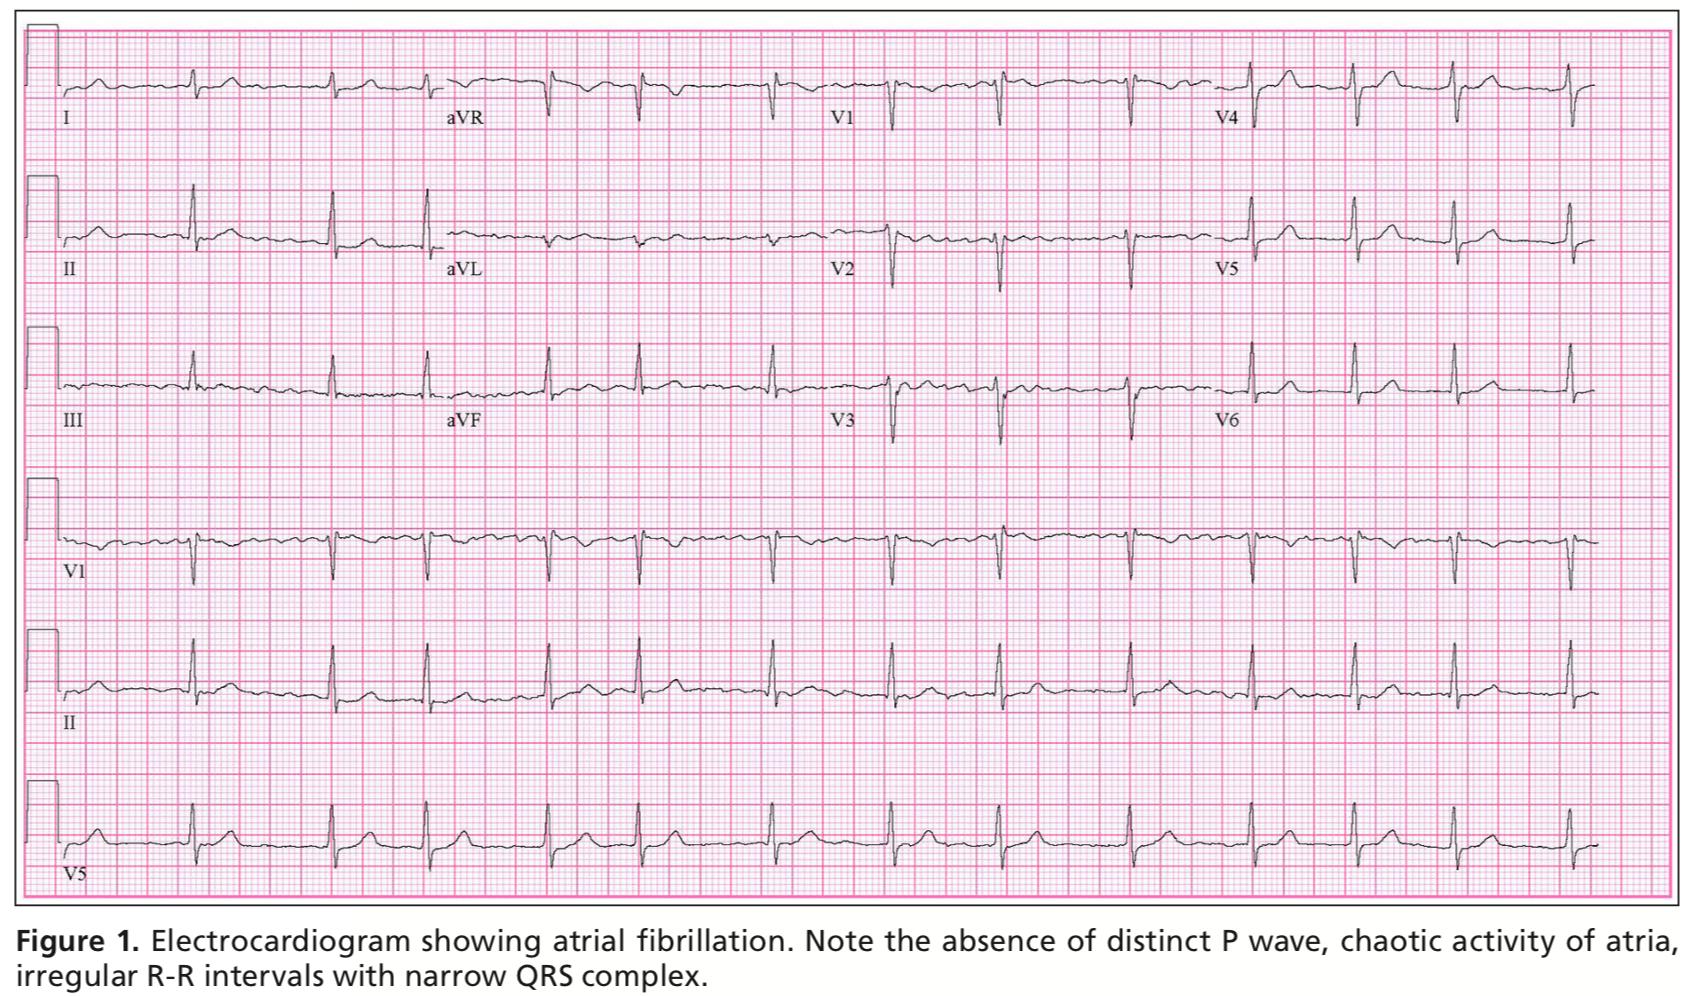 EKG of AFIB